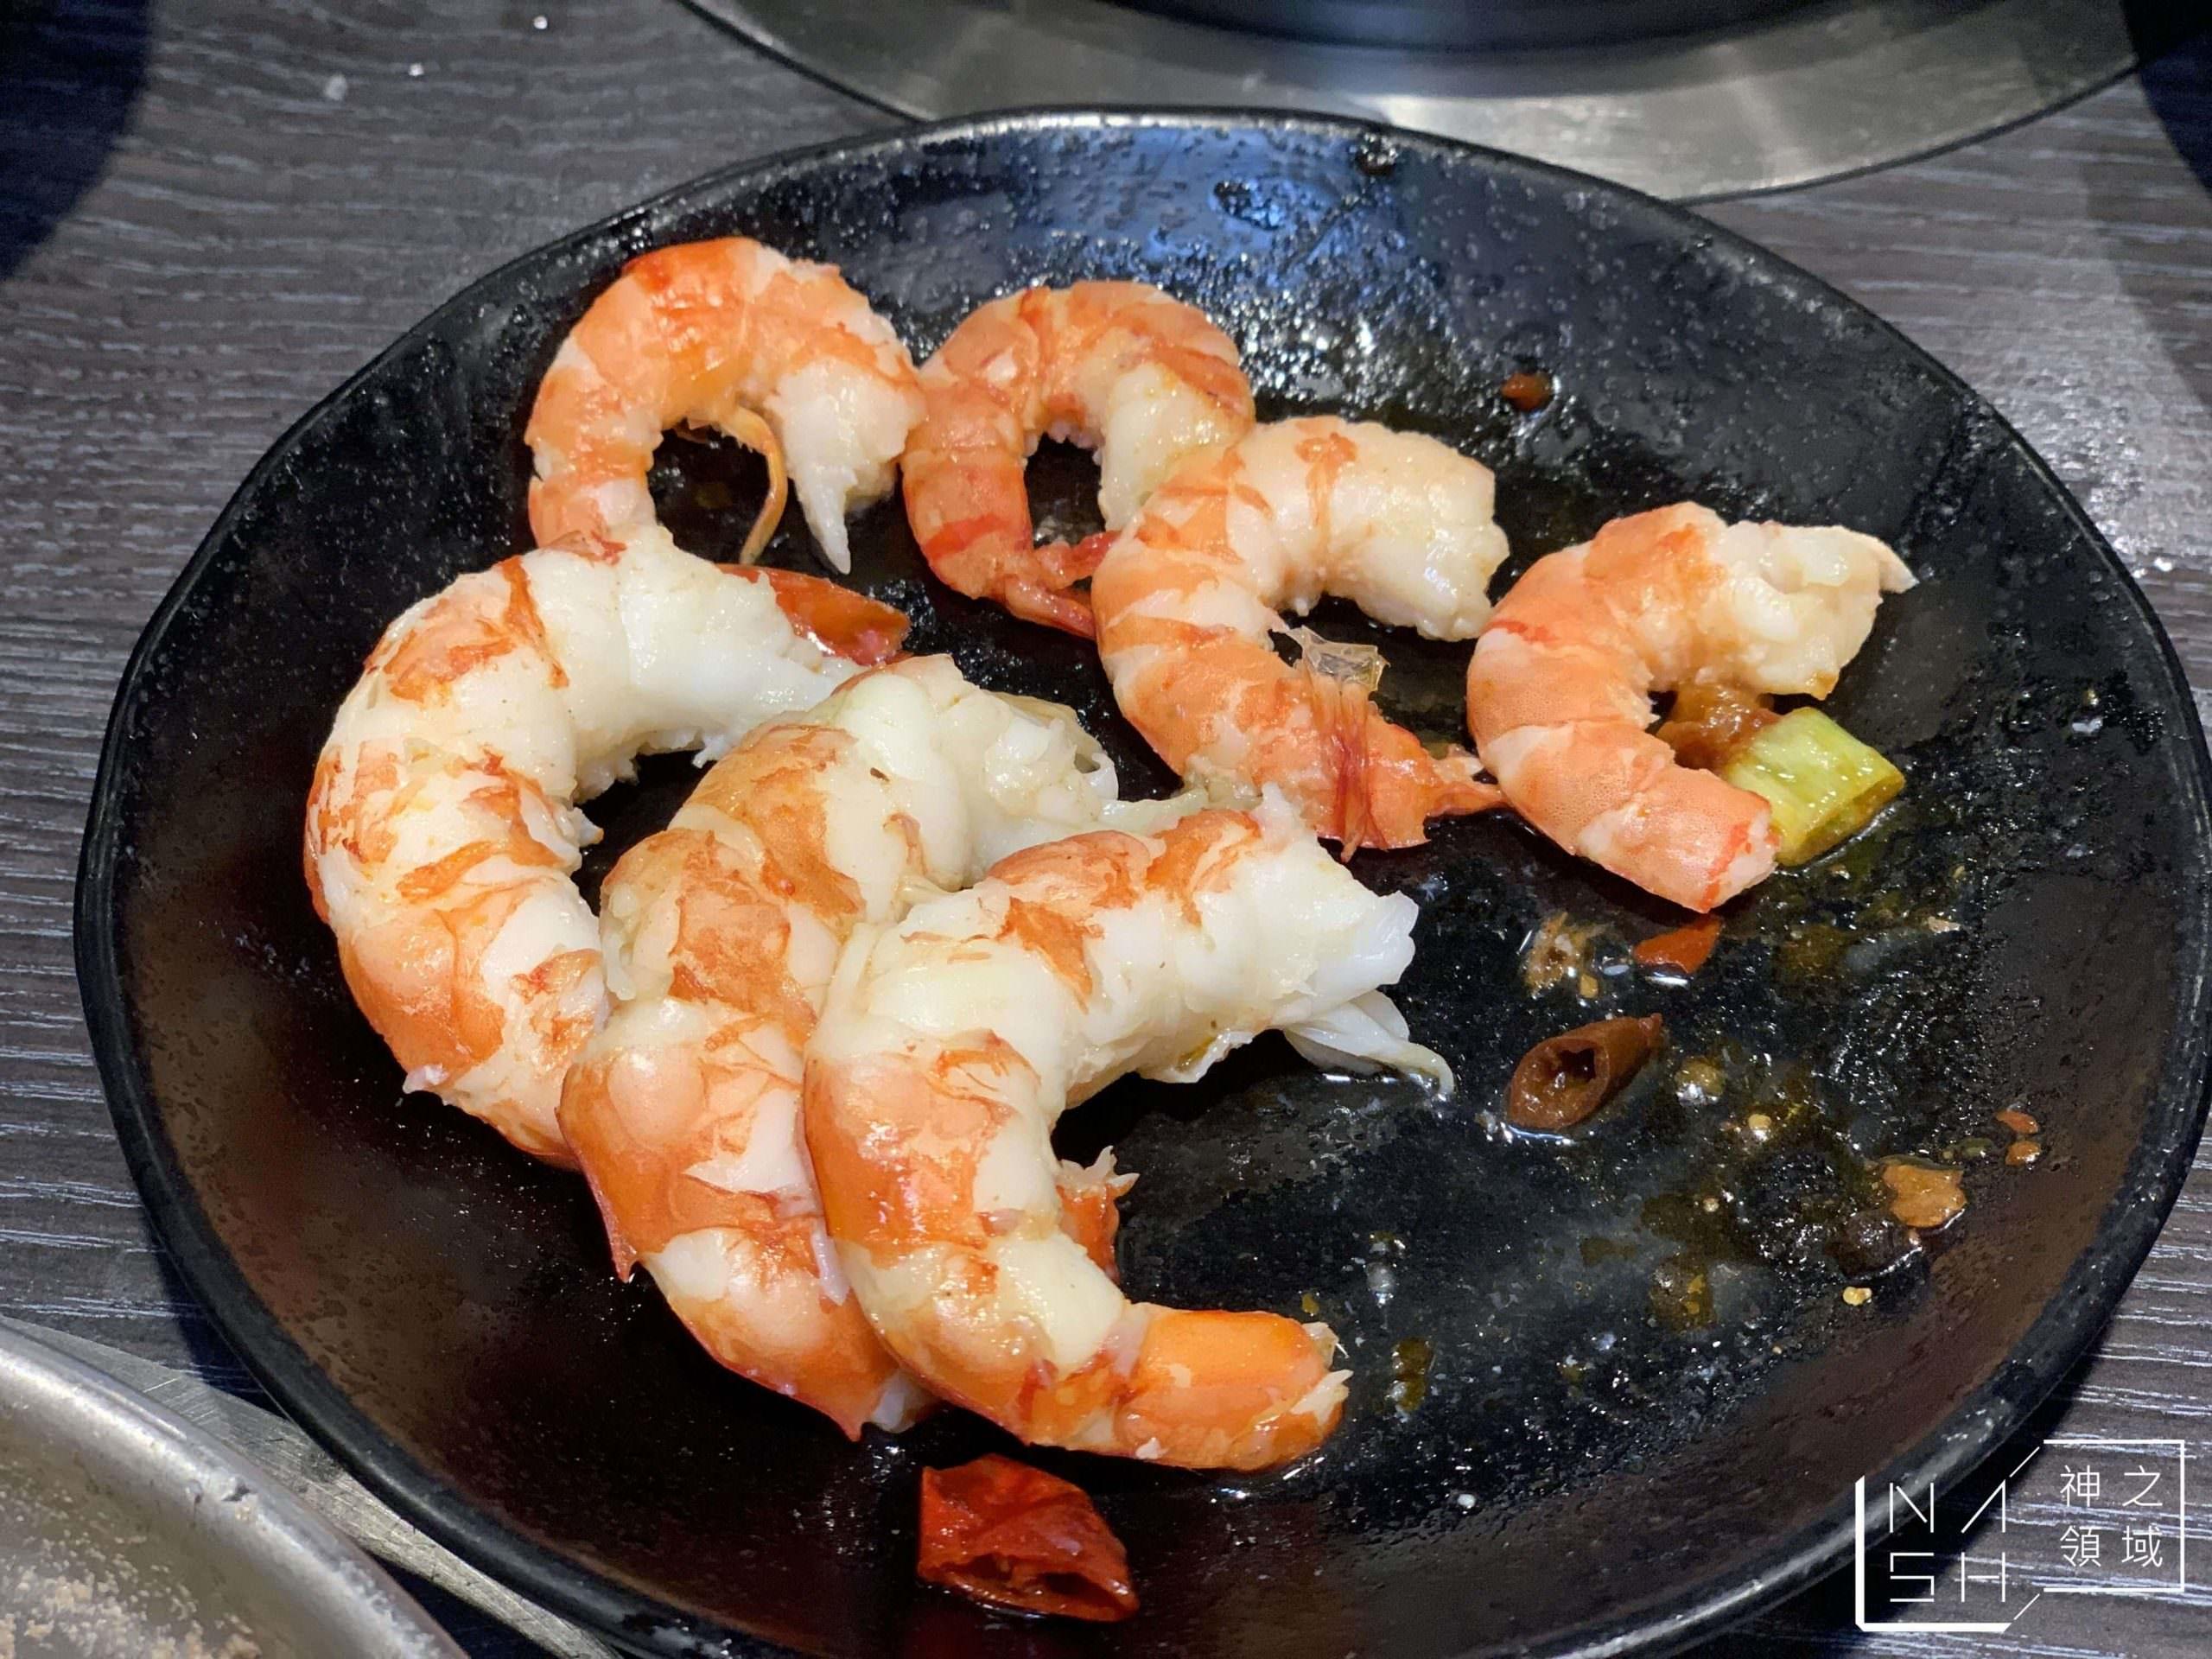 新千葉火鍋